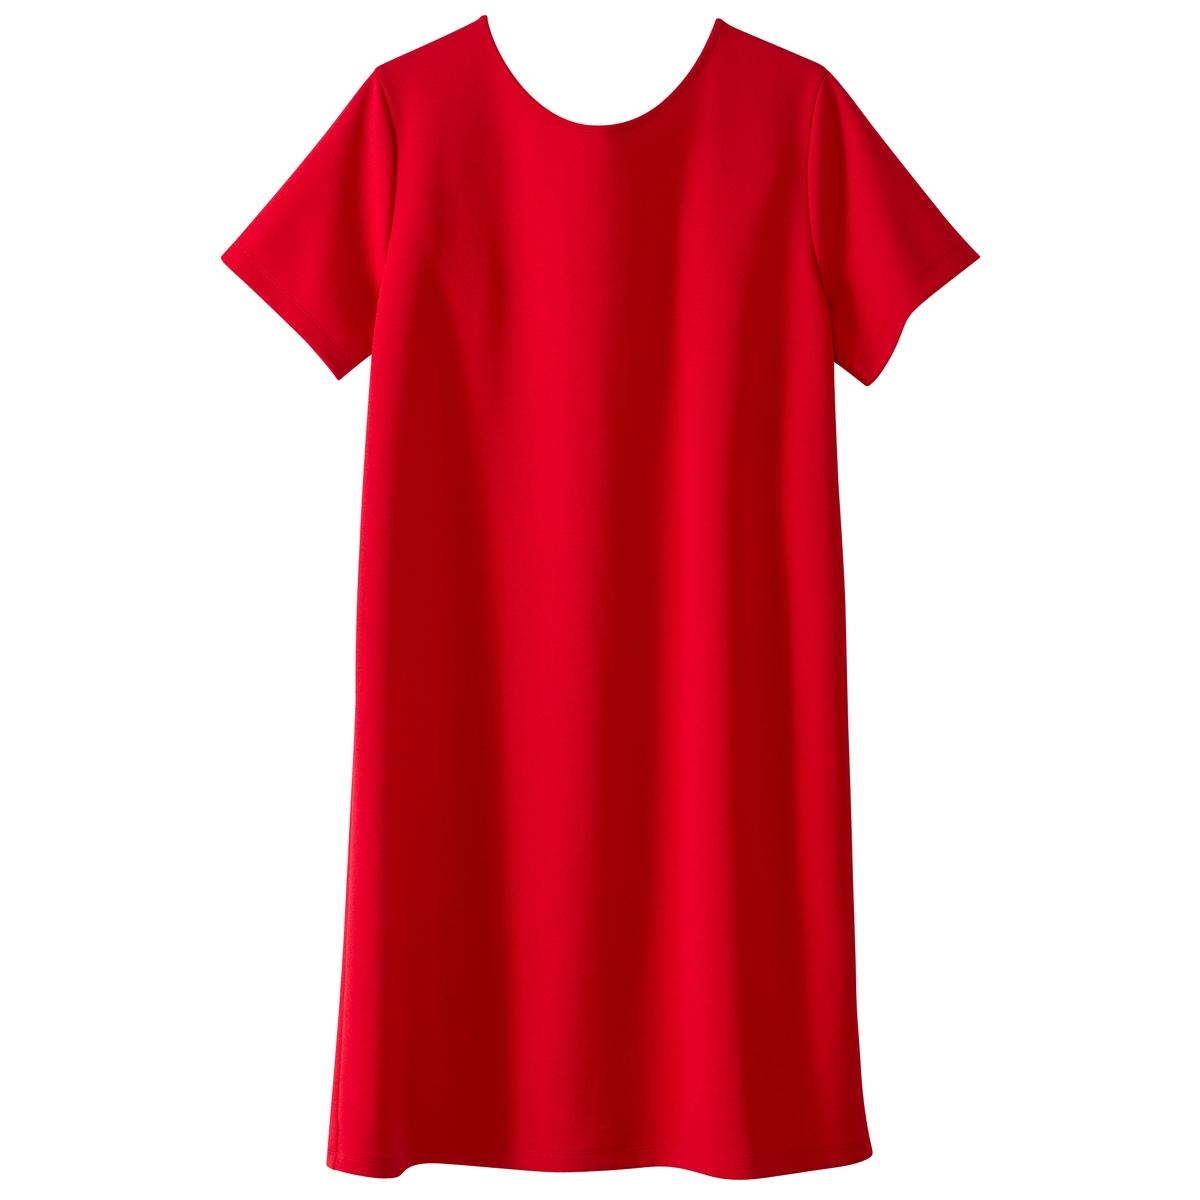 Платье с короткими рукавами, оригинальная спинкаМатериал : 97% полиэстера, 3% эластана       Длина рукава : короткие рукава       Форма воротника : Круглый вырез      Покрой платья : платье прямого покроя   Рисунок : Однотонная модель        Длина платья : до колен      Стирка : машинная стирка при 30 °С на деликатном режиме      Уход : Температура глажки низкая / не отбеливать      Машинная сушка : машинная сушка запрещена      Глажка : Сухая (химическая) чистка запрещена<br><br>Цвет: красный,фиолетовый,черный<br>Размер: S.M.M.S.M.XL.L.XL.L.S.L